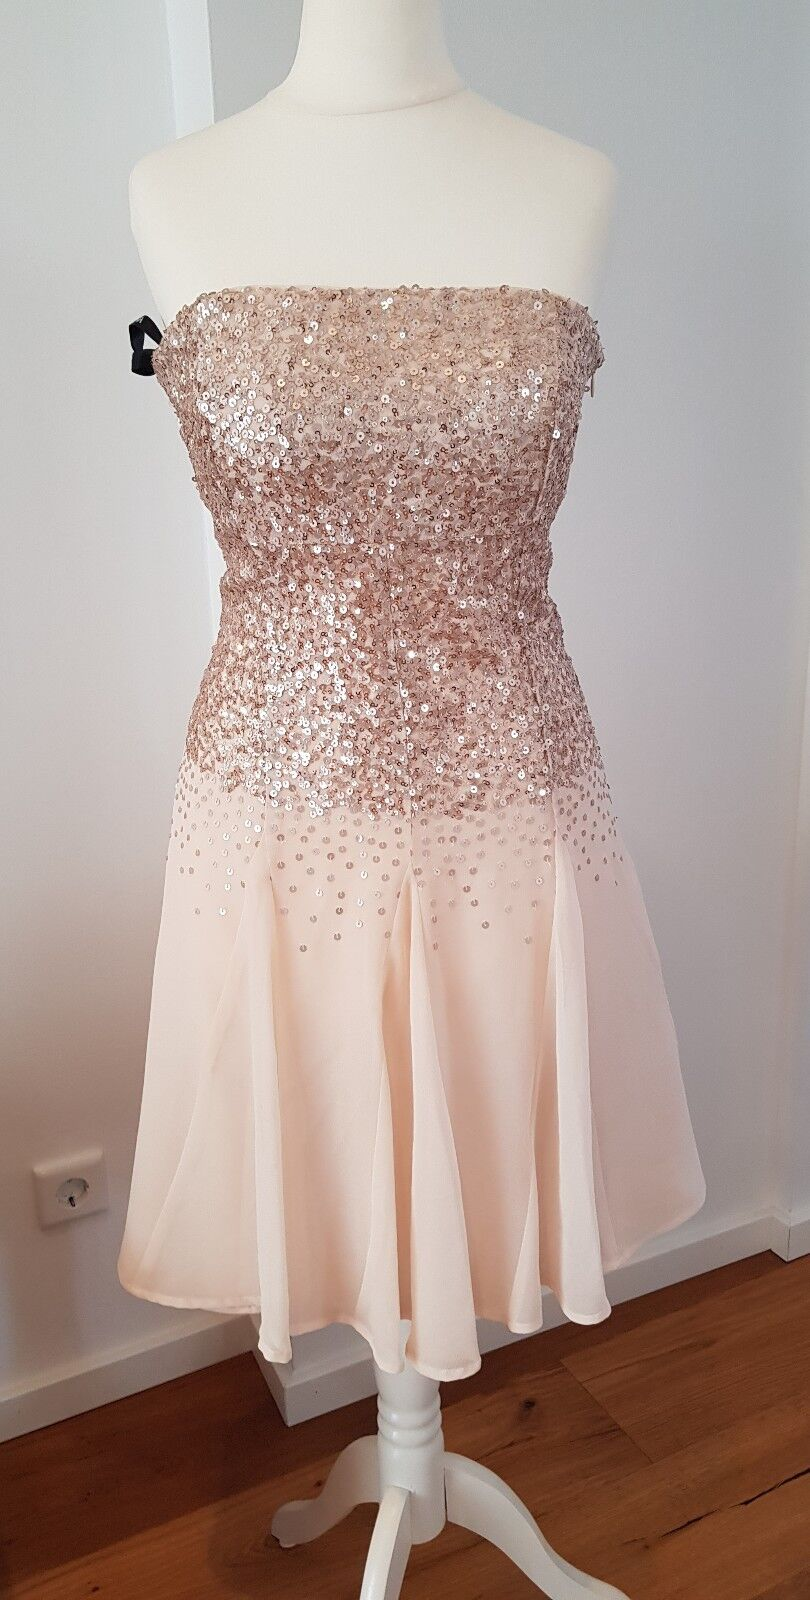 Vero Mont Abendkleid rosé Pailleten Größe S